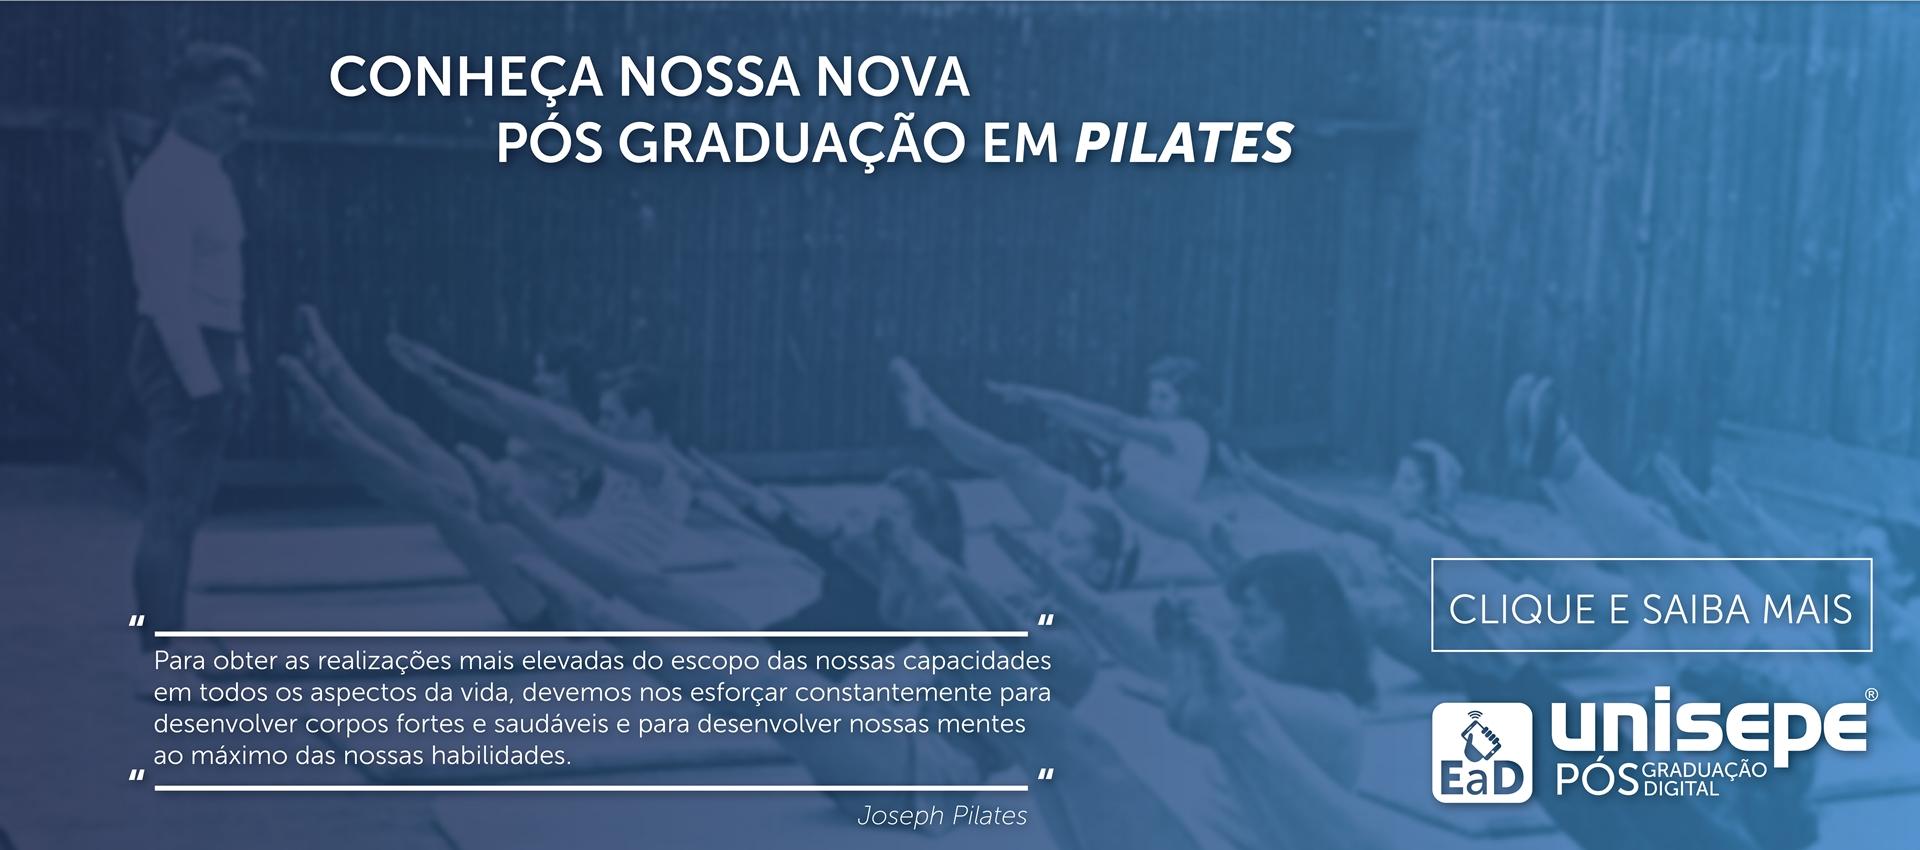 Pós graduação EAD em Pilates - Graduação digital | UNISEPE